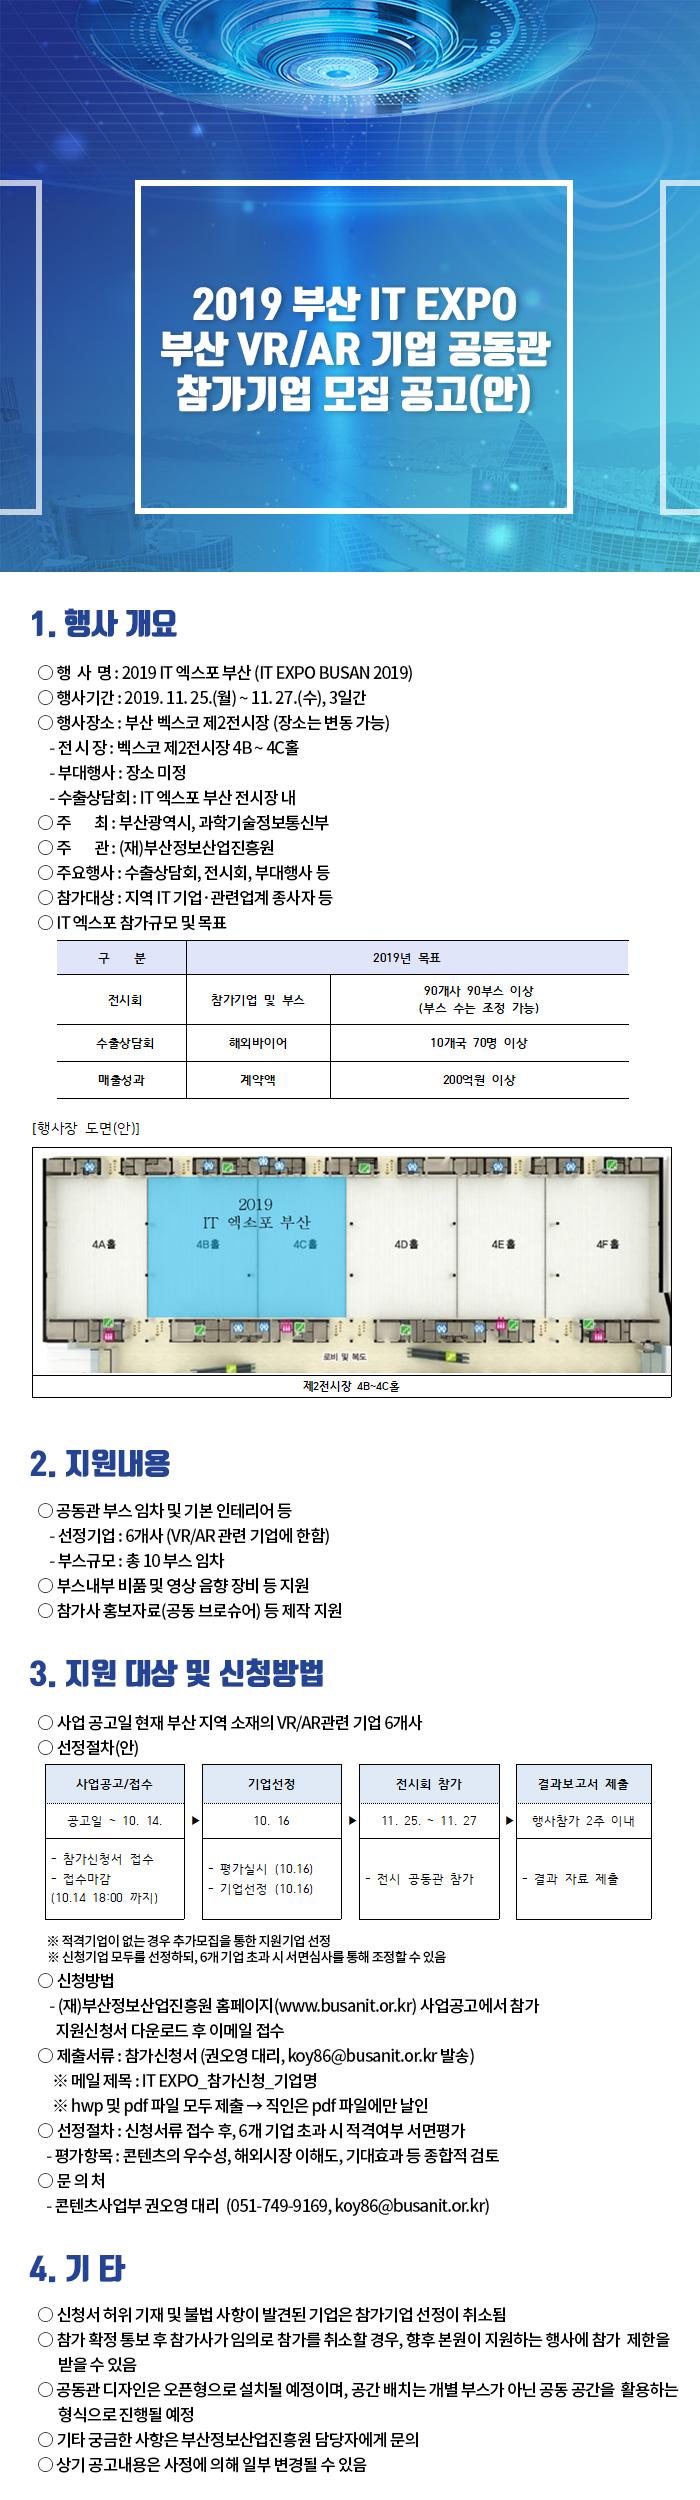 2019 부산 IT EXPO 부산 VR/AR 기업 공동관 참가기업 모집 공고(안)